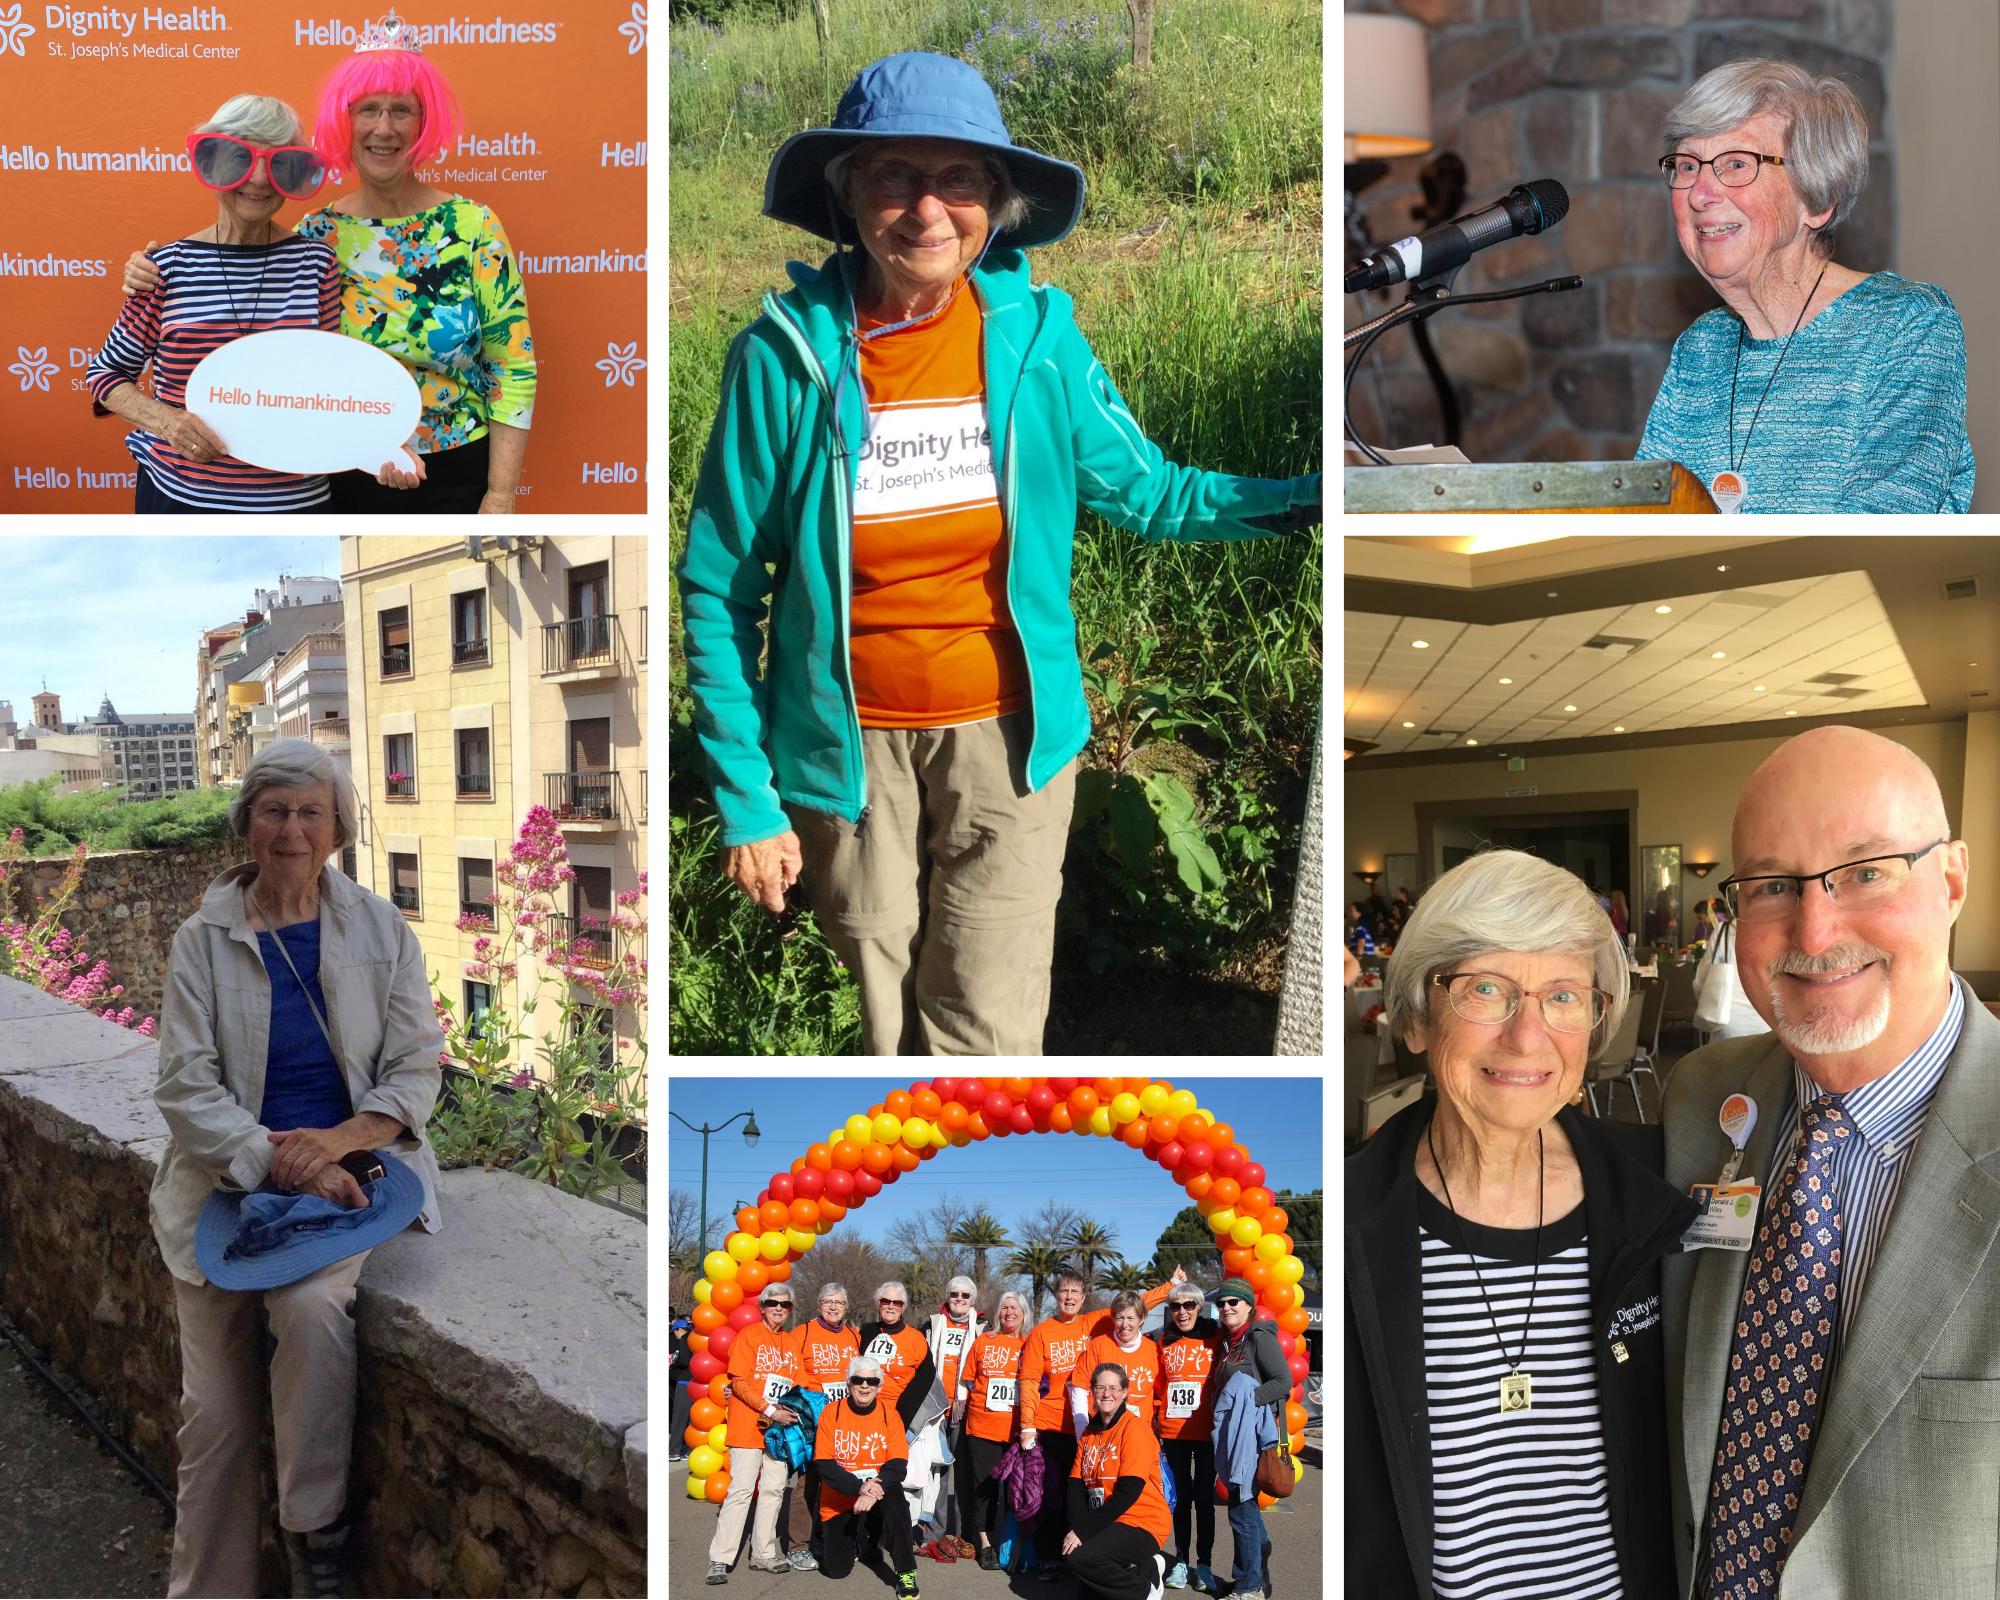 Sister Katherine Hamilton photo collage